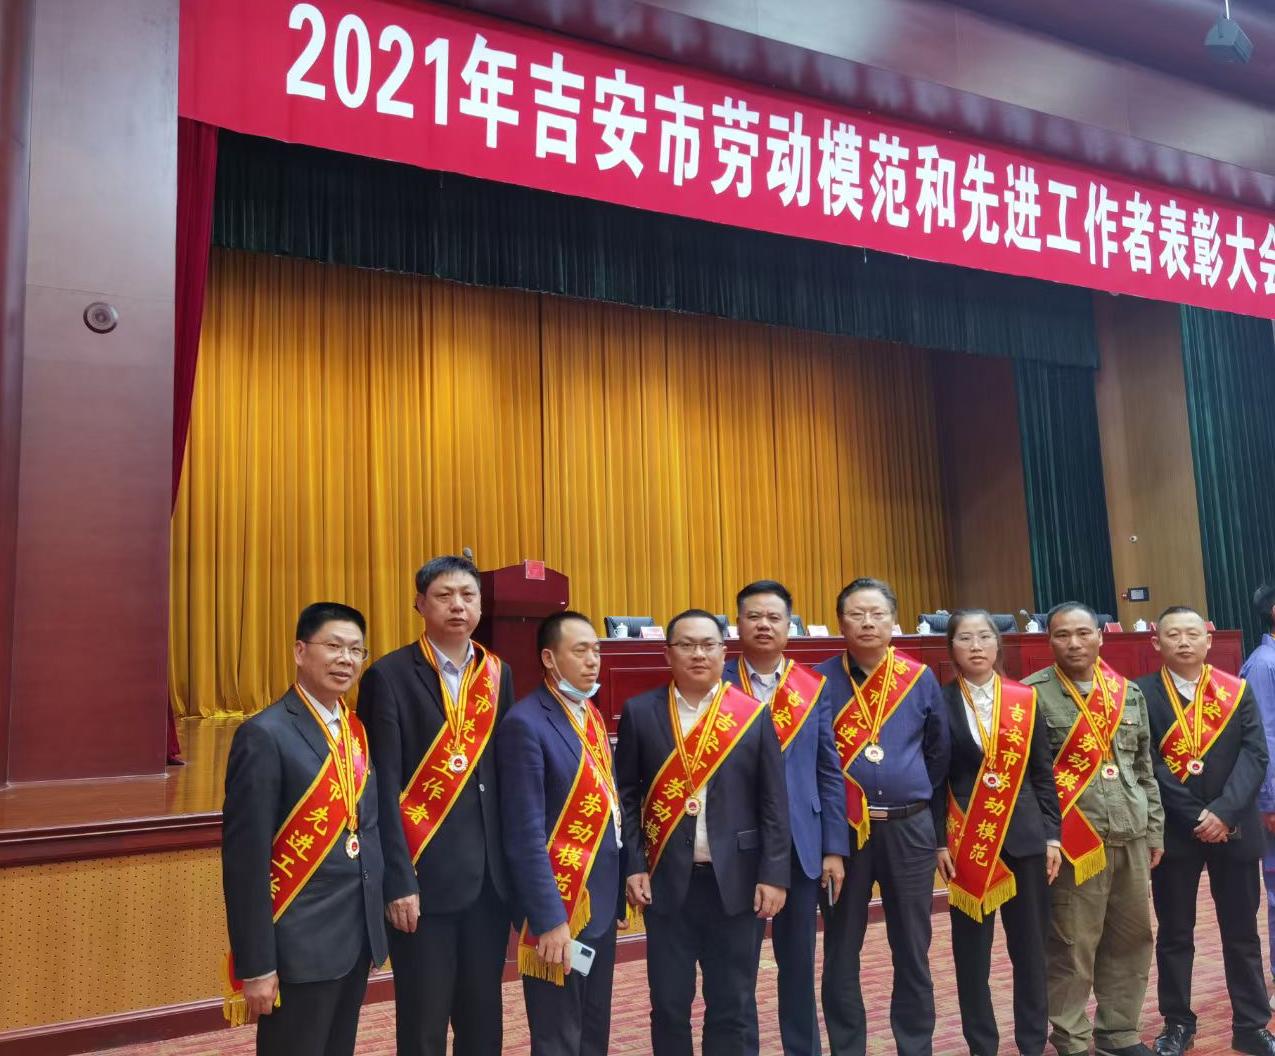 致敬劳动者!集团技术中心副主任阙素云参加吉安劳动模范和先进工作者表彰大会